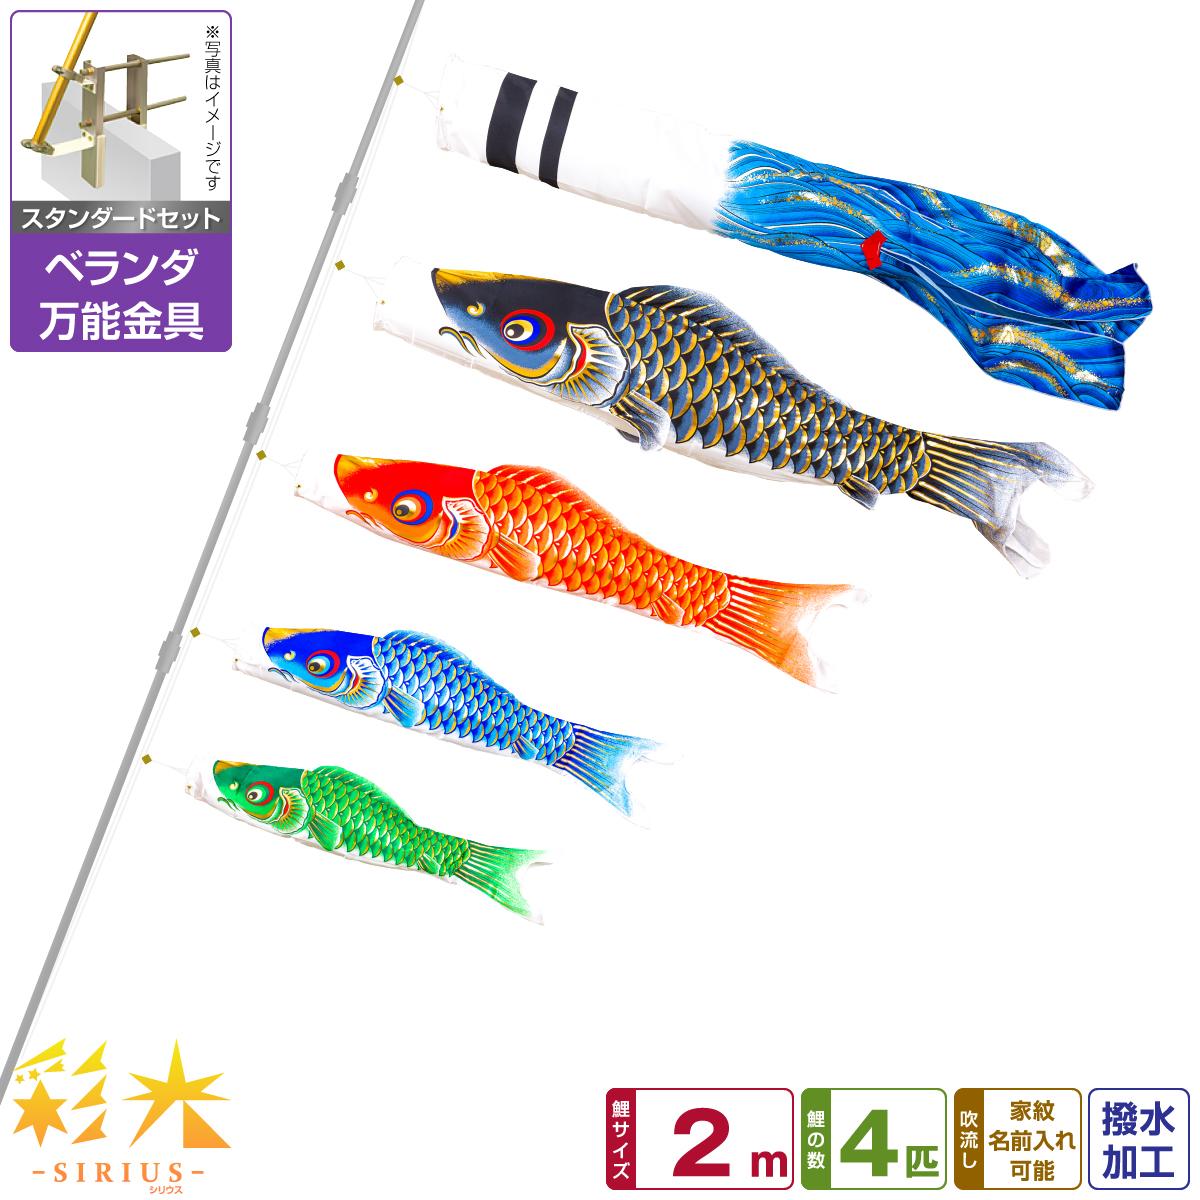 ベランダ用 こいのぼり 鯉のぼり SIRIUS/彩光鯉 2m 7点(吹流し+鯉4匹+矢車+ロープ)/スタンダードセット(万能取付金具)